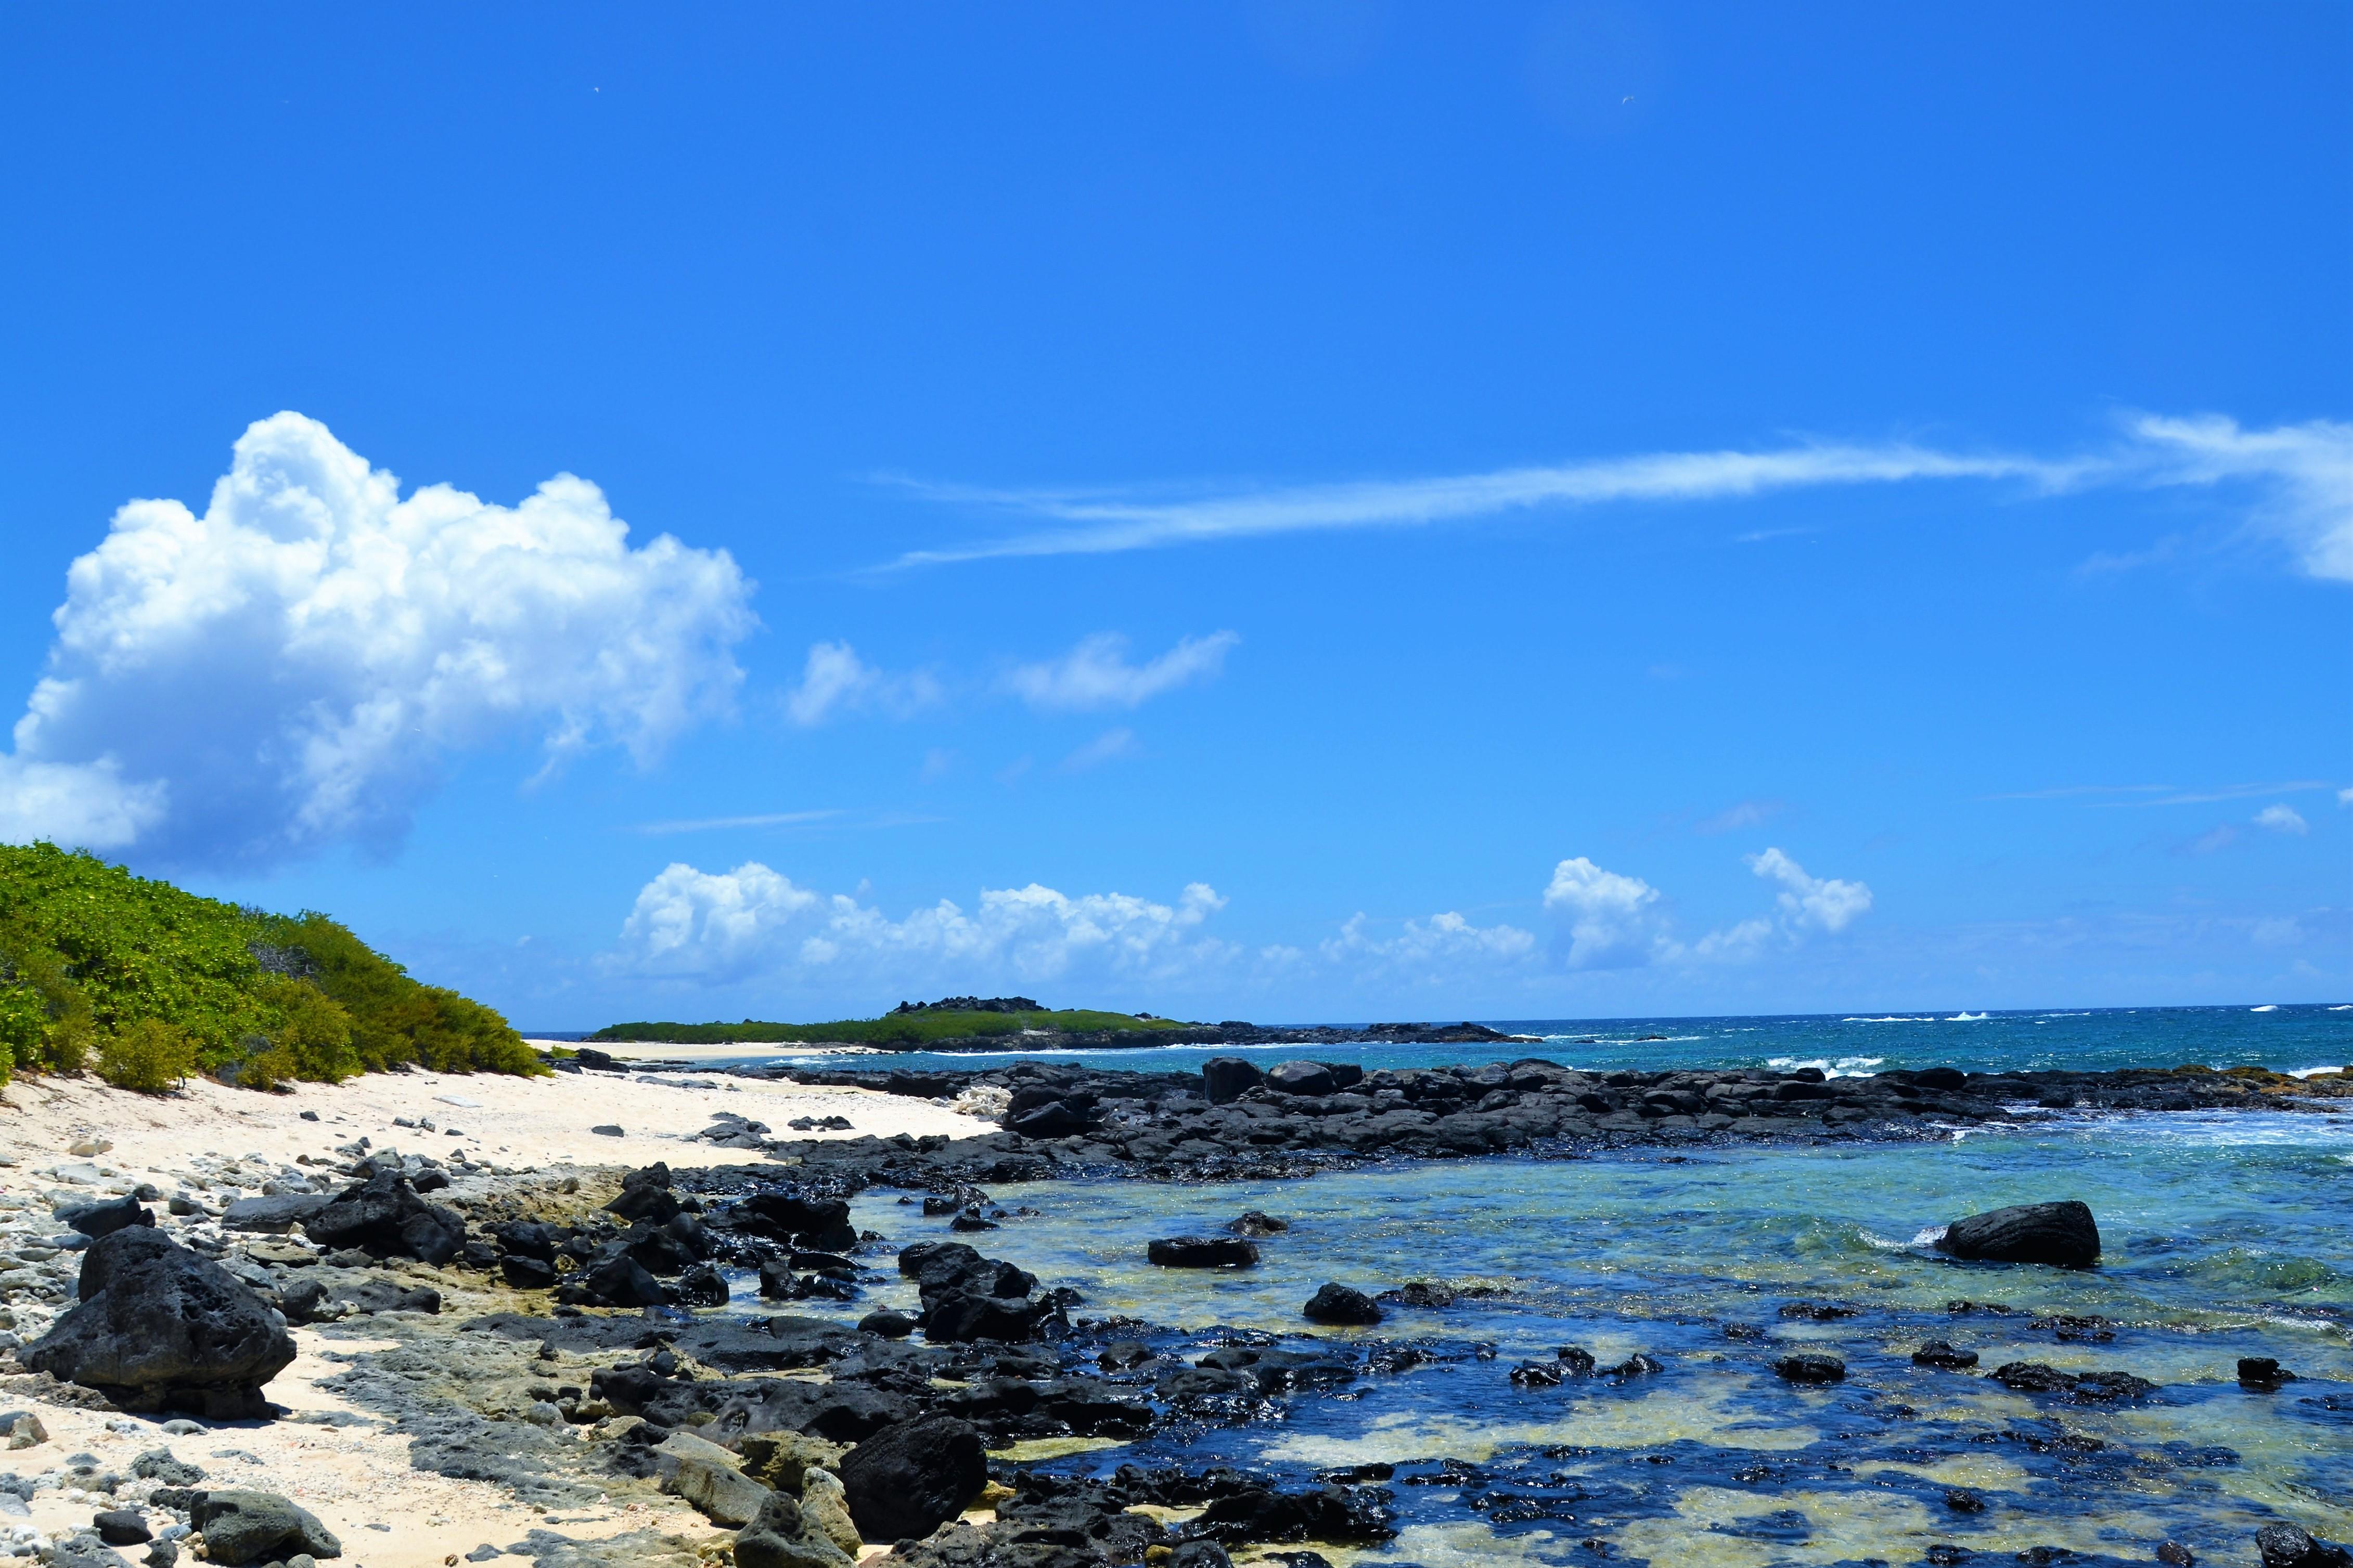 Letűnt földdarabot fedeztek fel az Indiai-óceán mélyén